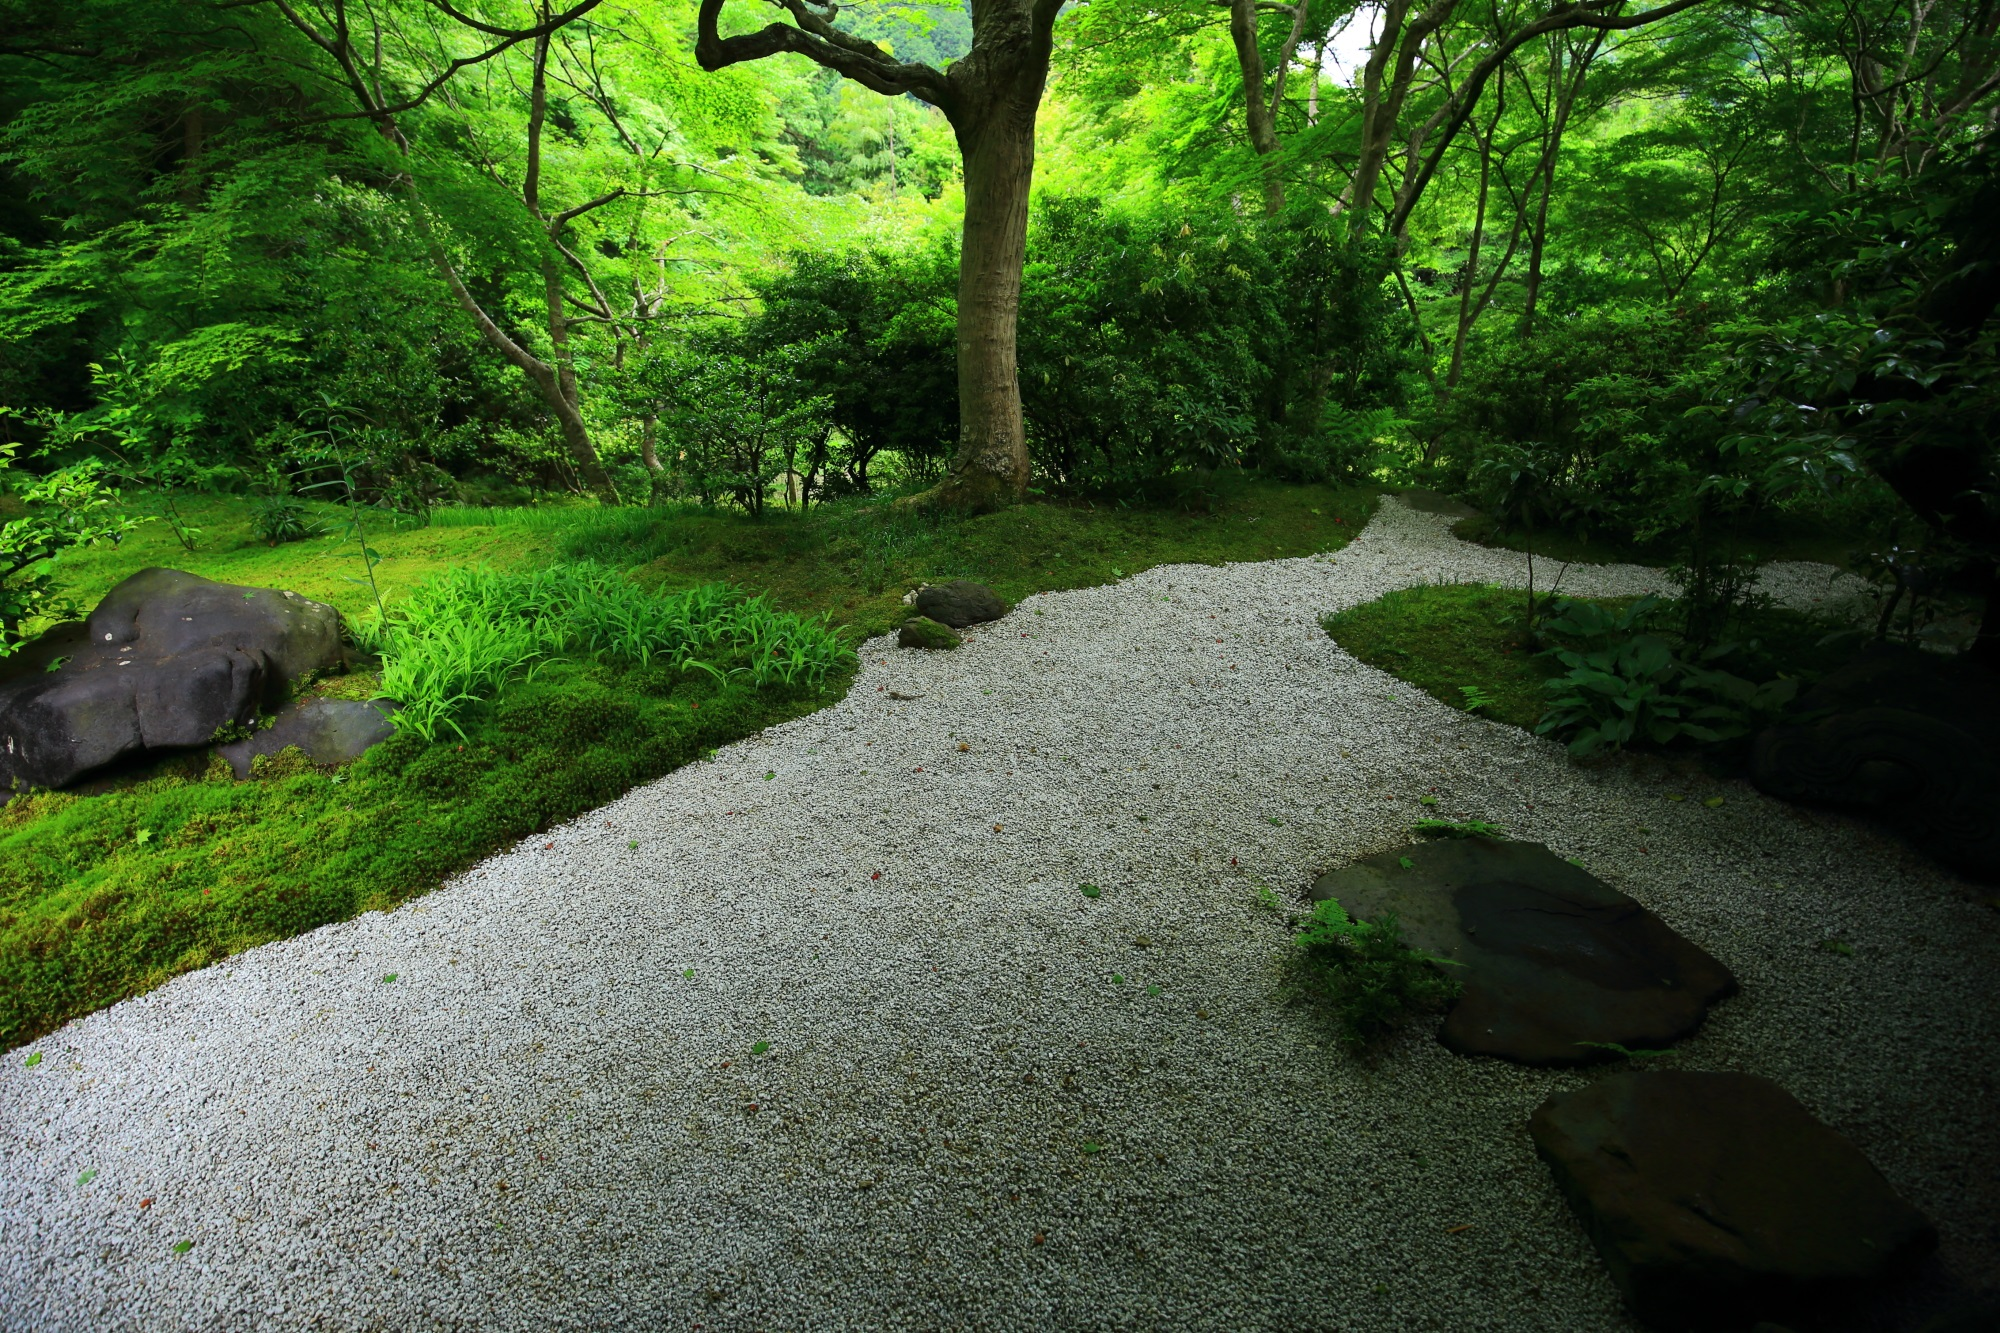 瑠璃光院の美しい白砂と苔の庭園